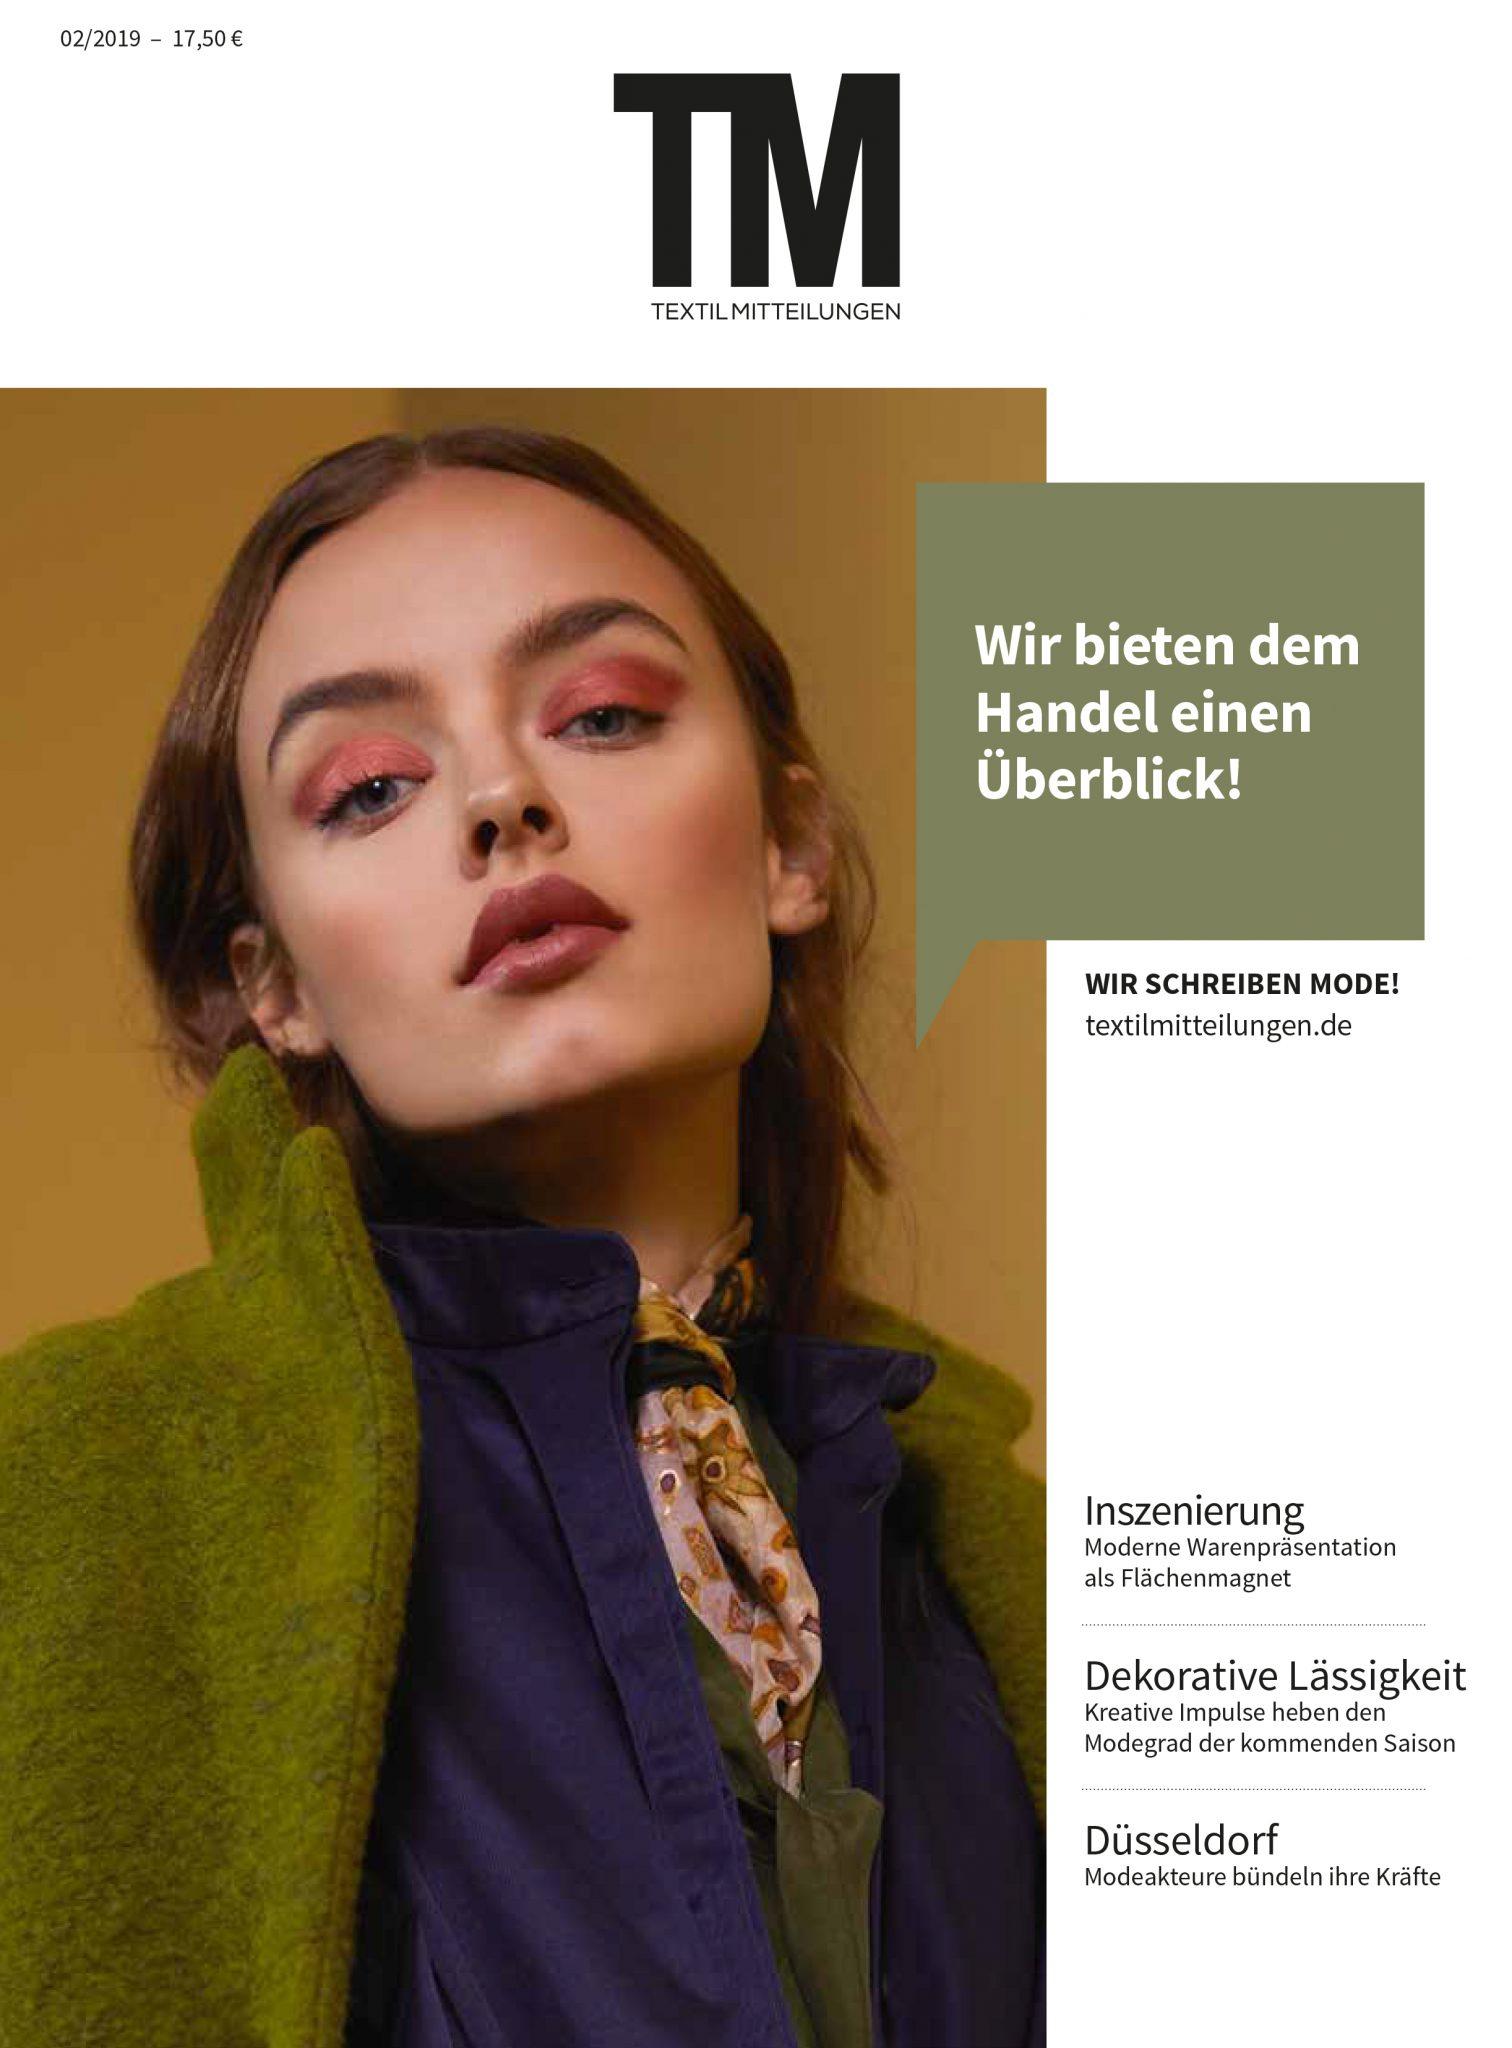 TextilMitteilungen, Cozy Elegance